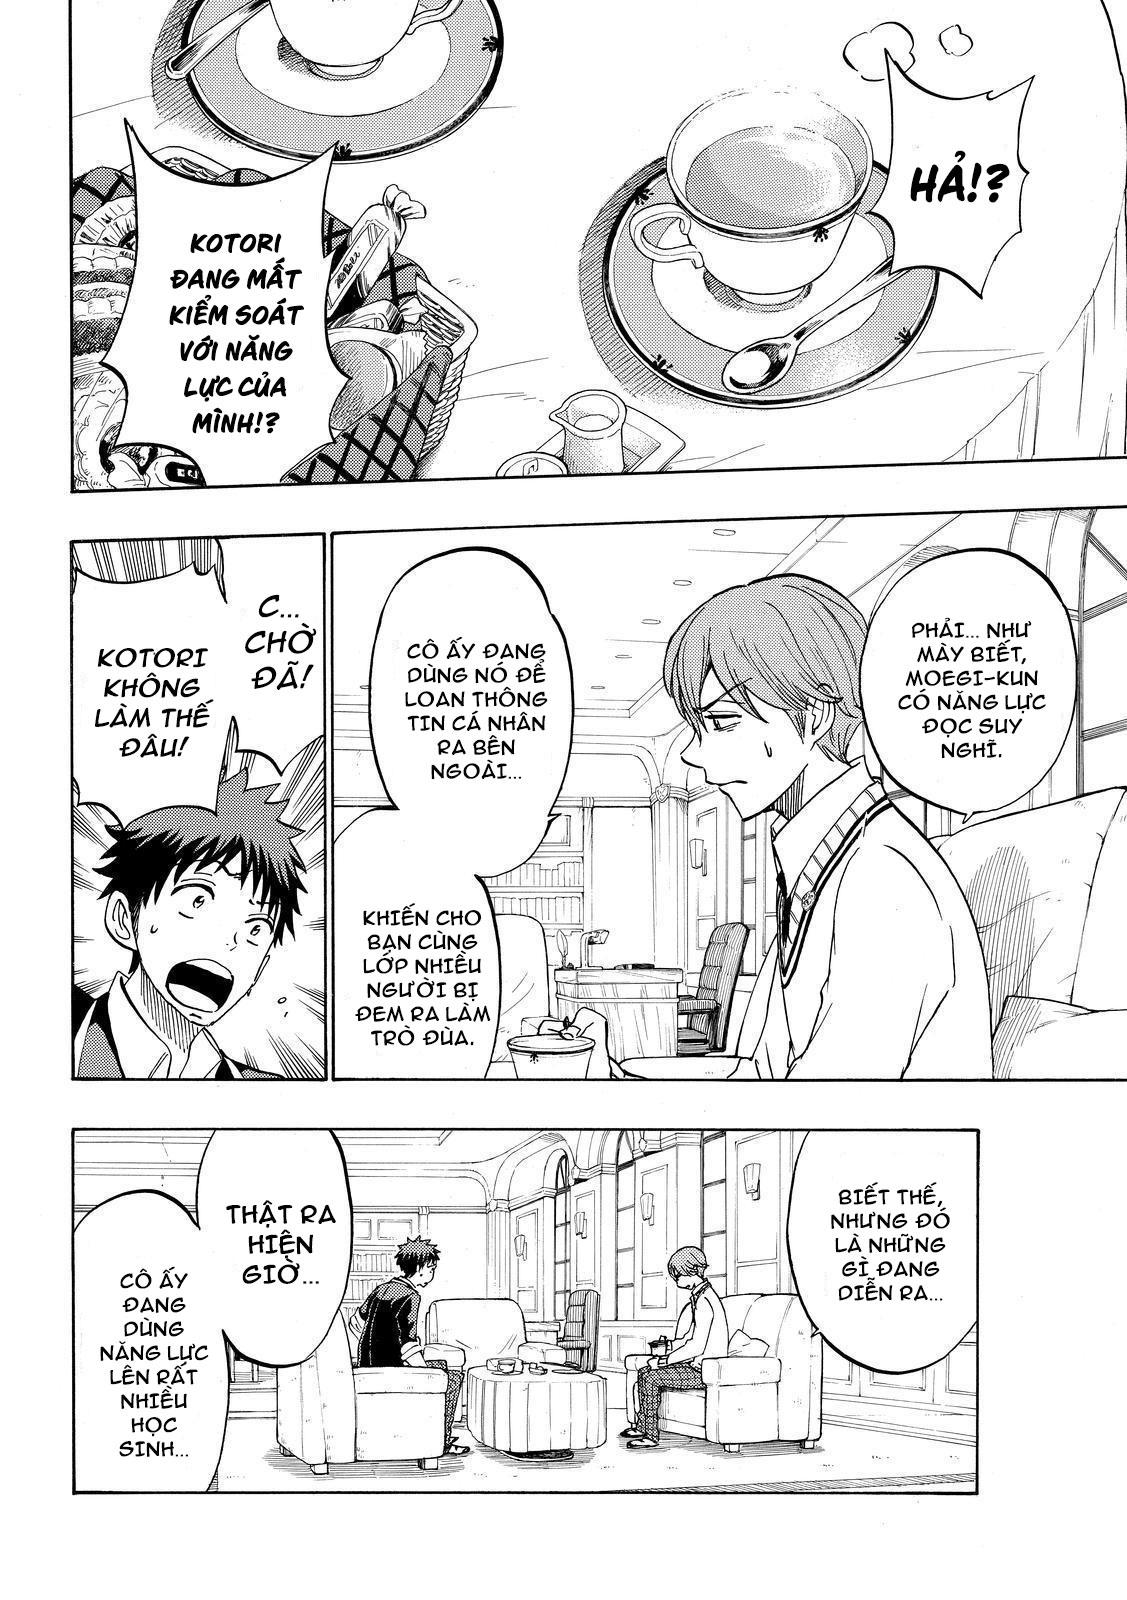 Yamada-kun to 7-nin no majo chap 175 Trang 5 - Mangak.info